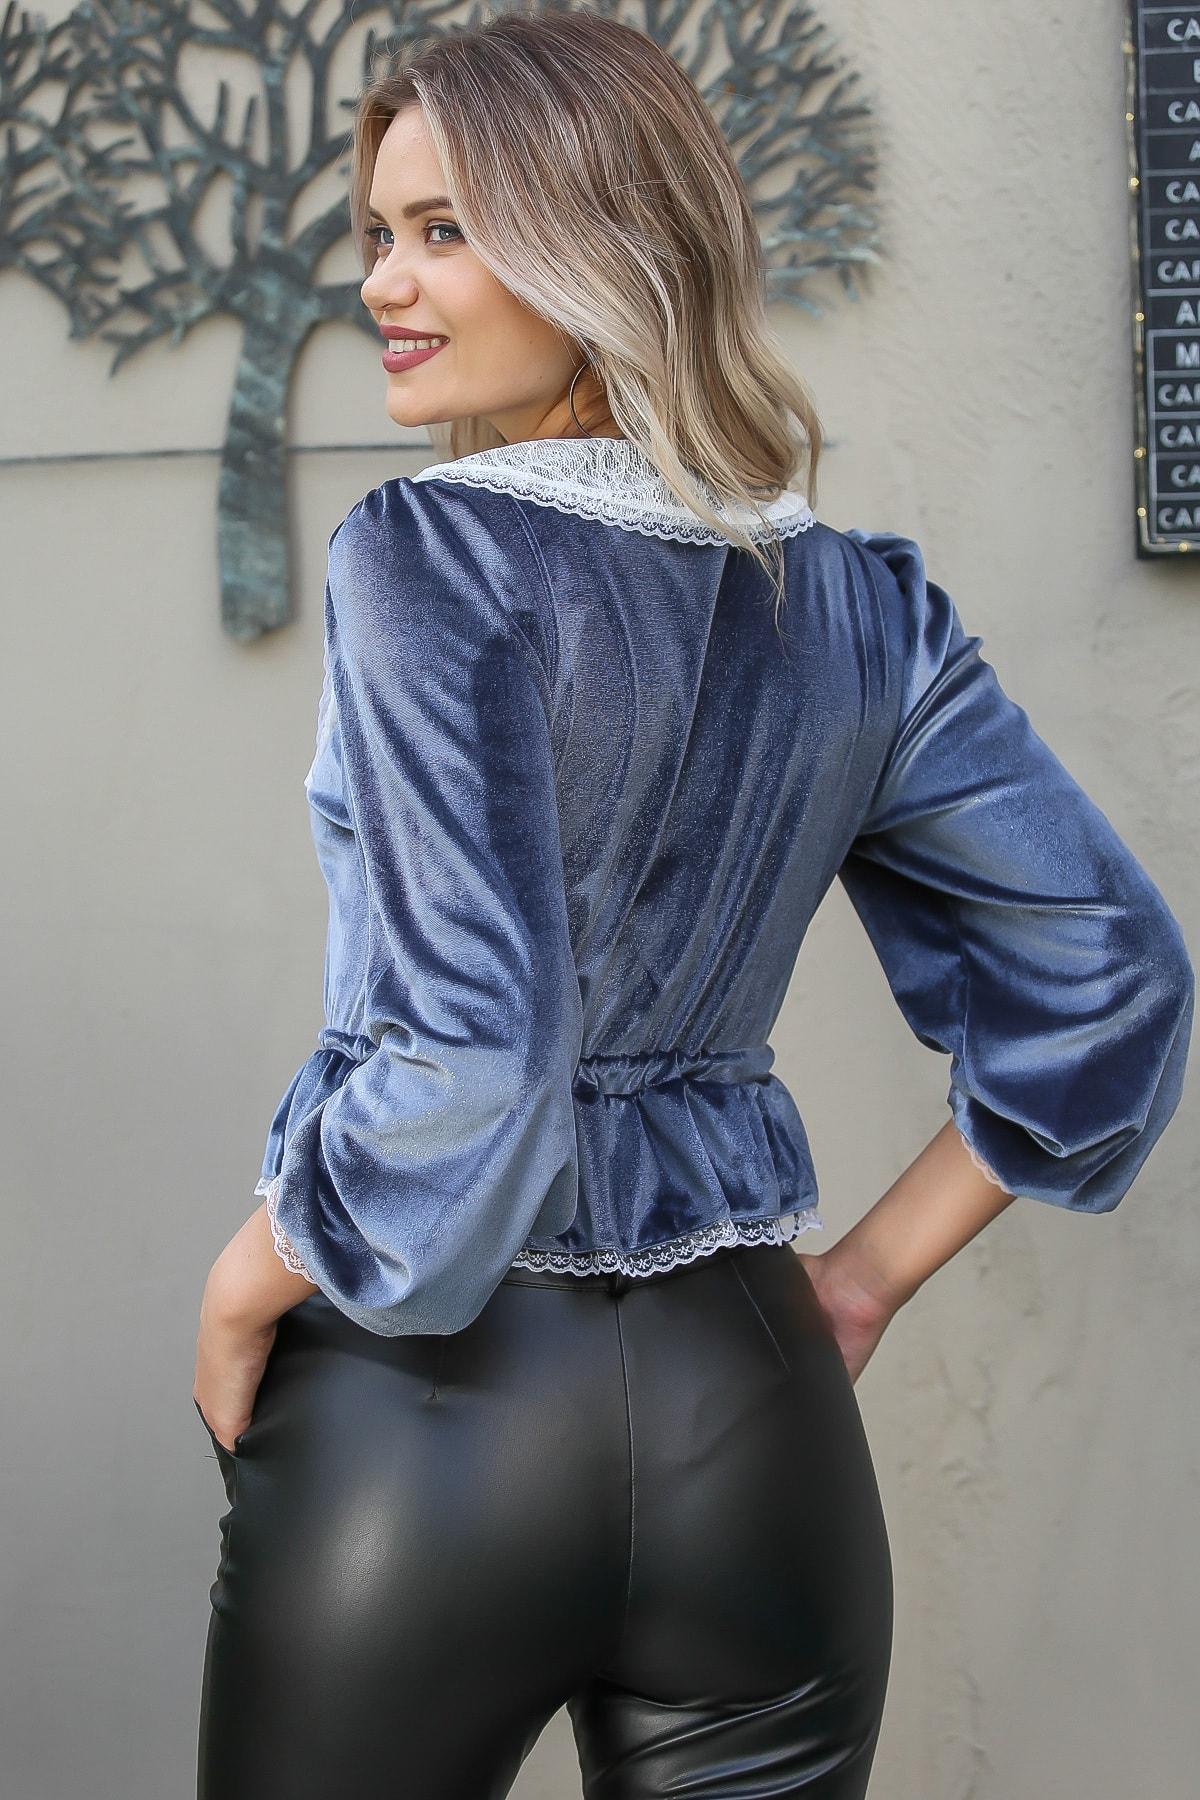 Chiccy Kadın Gri Vintage Dantel Yakalı Düğme Detaylı Beli Büzgülü Işıltılı Bluz 4